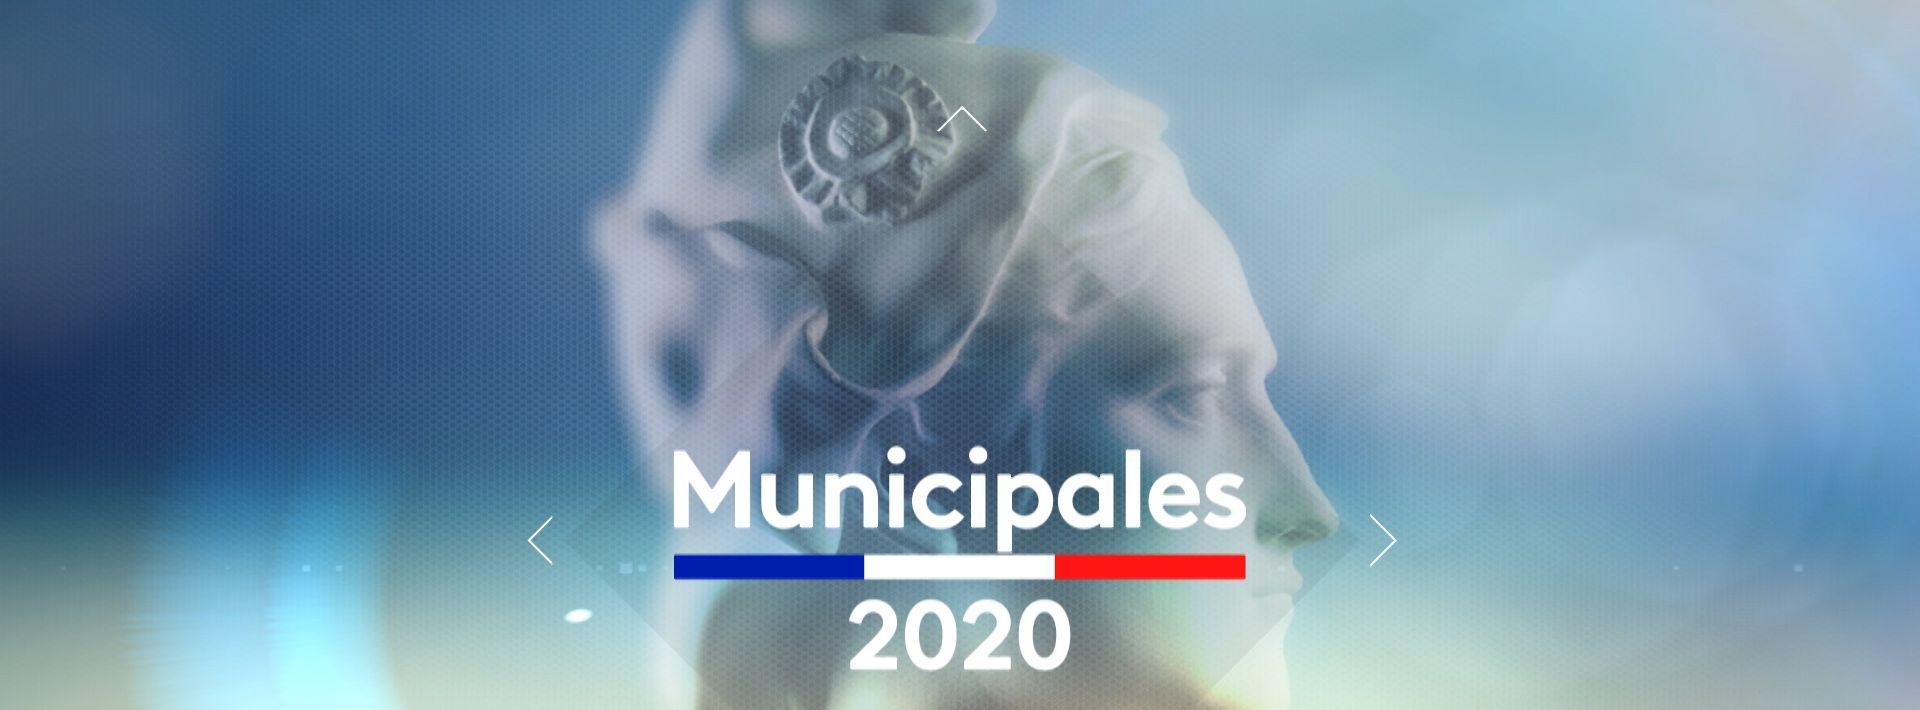 Municipales: dispositif «sans précédent» sur France Télévisions